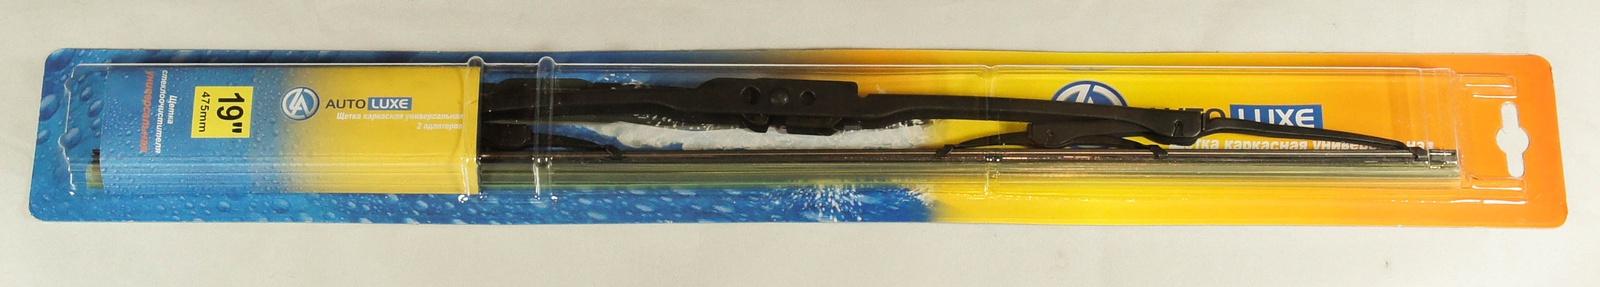 Щетка стеклоочистителя Autoluxe каркасная универсальная 22 дюймов/550 мм, черный